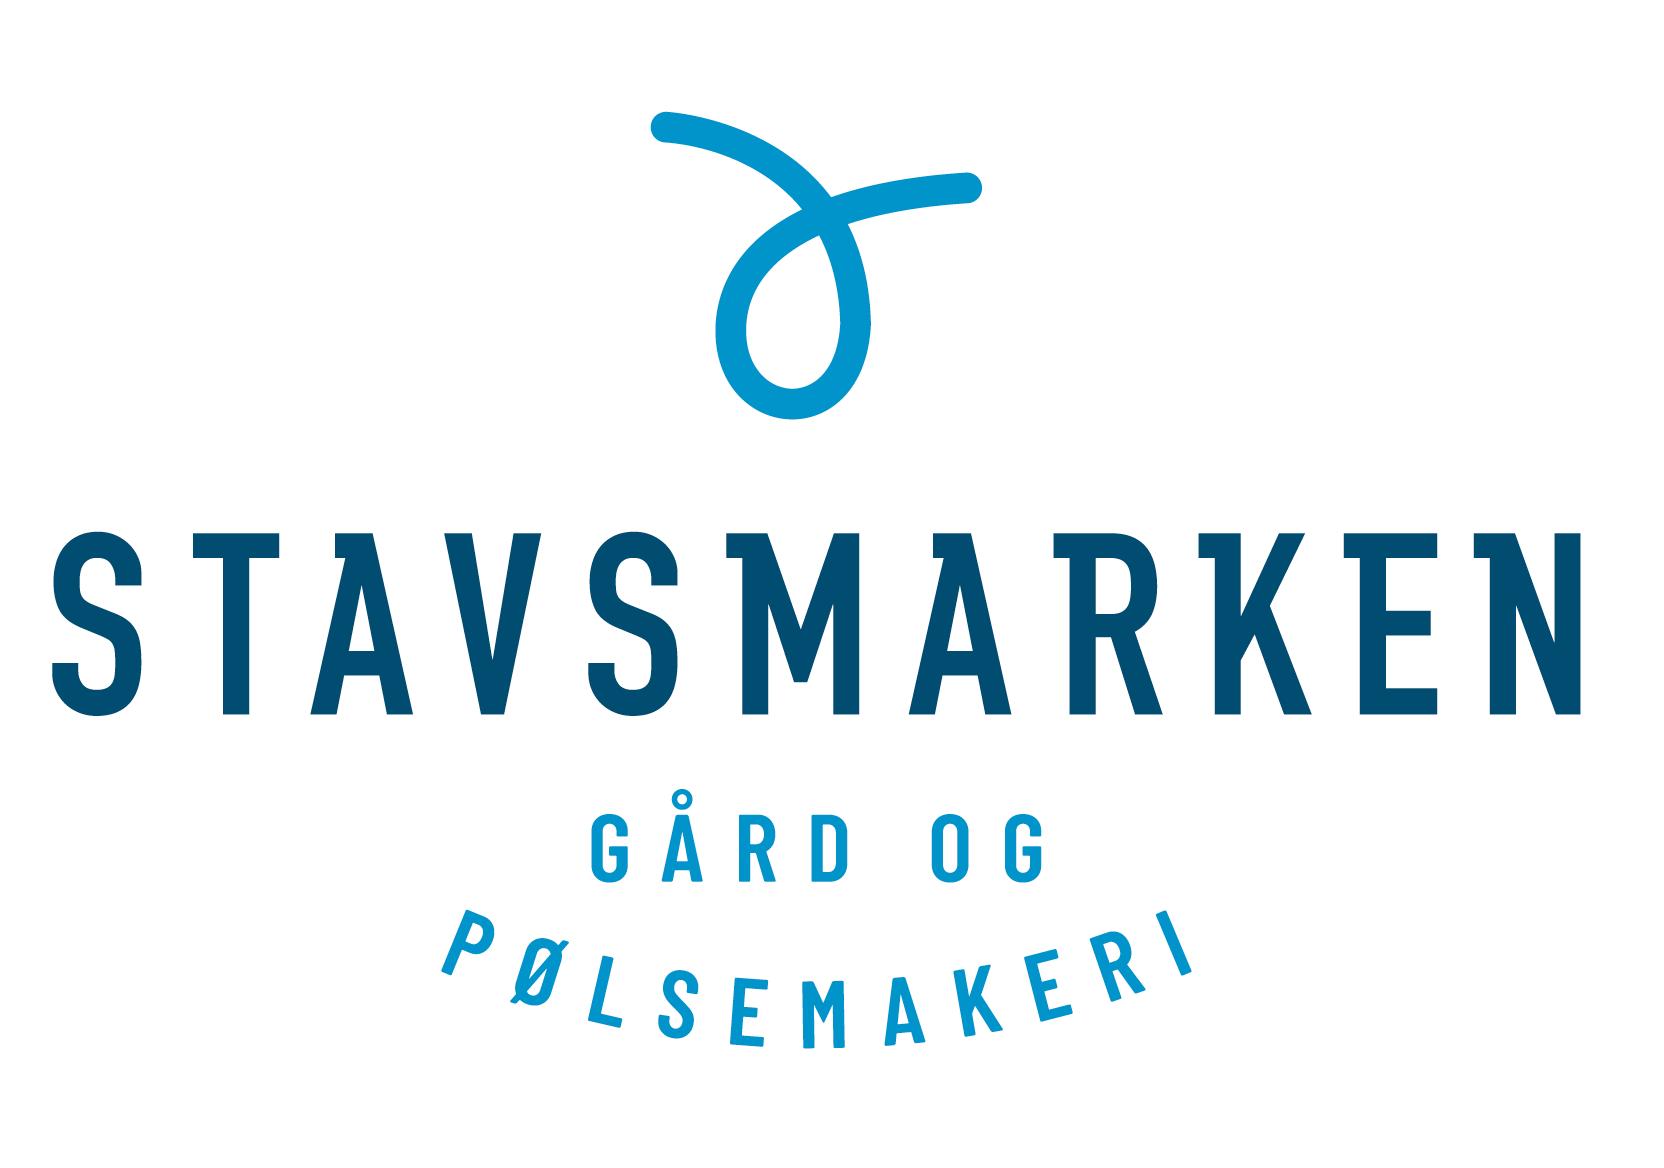 Skjermbilde 2019-05-31 kl. 12.38.57.png